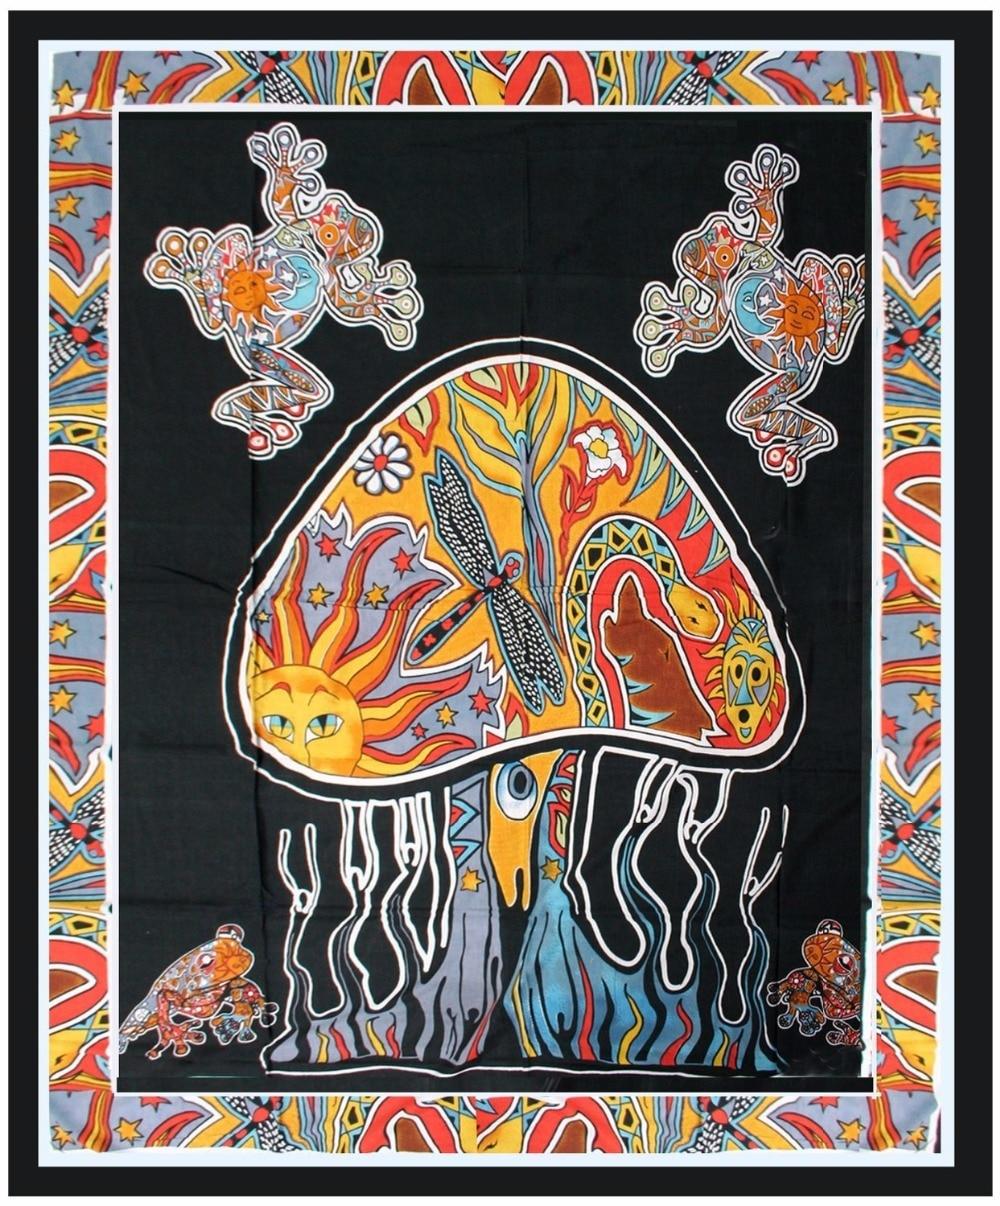 CAMMITEVER Red Sun Totem Frog Psychedelic Mushroom Árbol de la noche - Textiles para el hogar